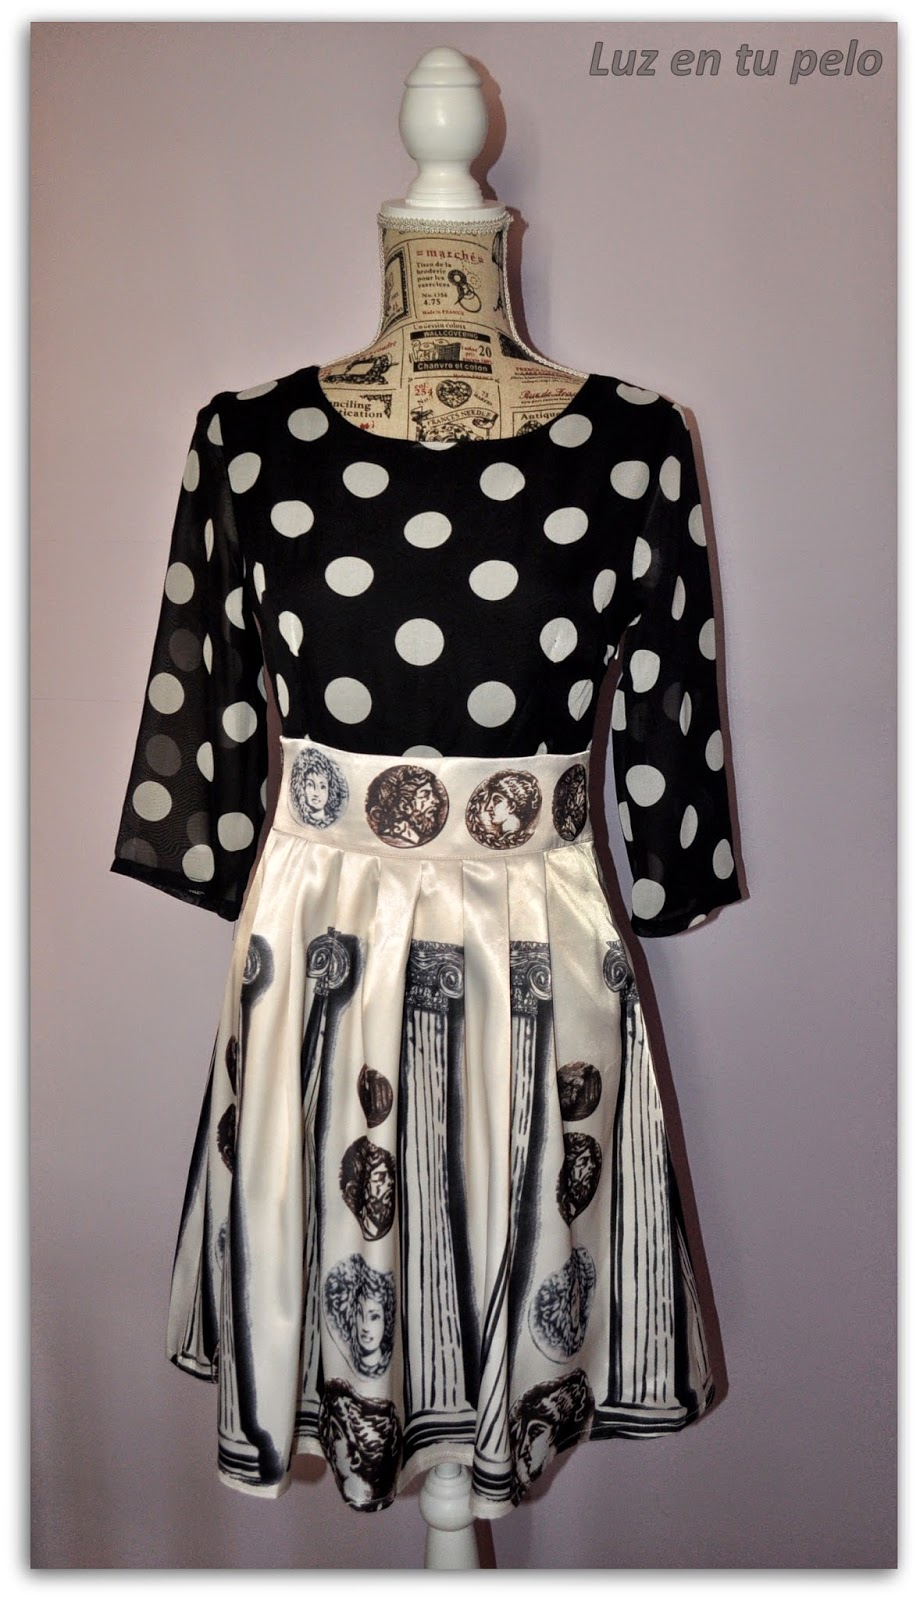 vestido barato para boda, vestido para boda de día, vestido de lunares, vestido de gasa, vestido de seda, vestido barato, vestido blanco y negro